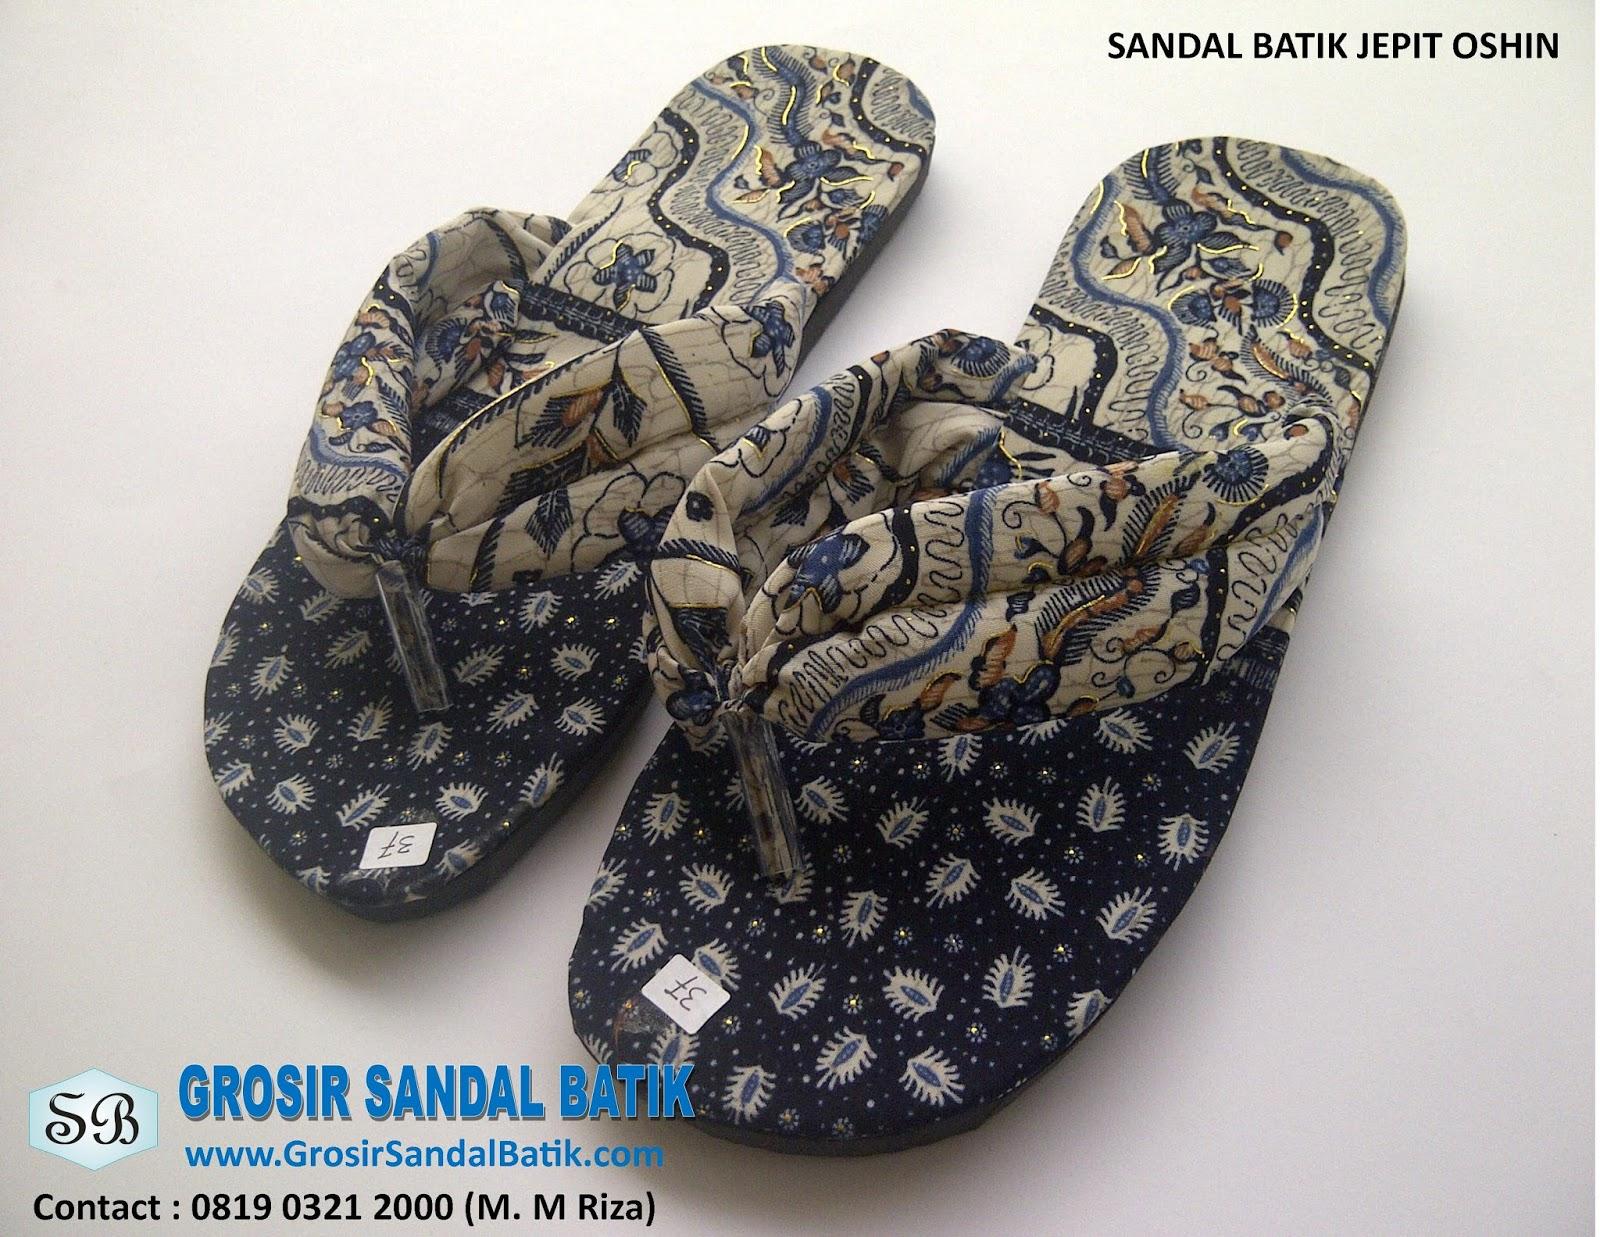 Grosir Sandal Hotel Murah - Grosir Sandal Hotel